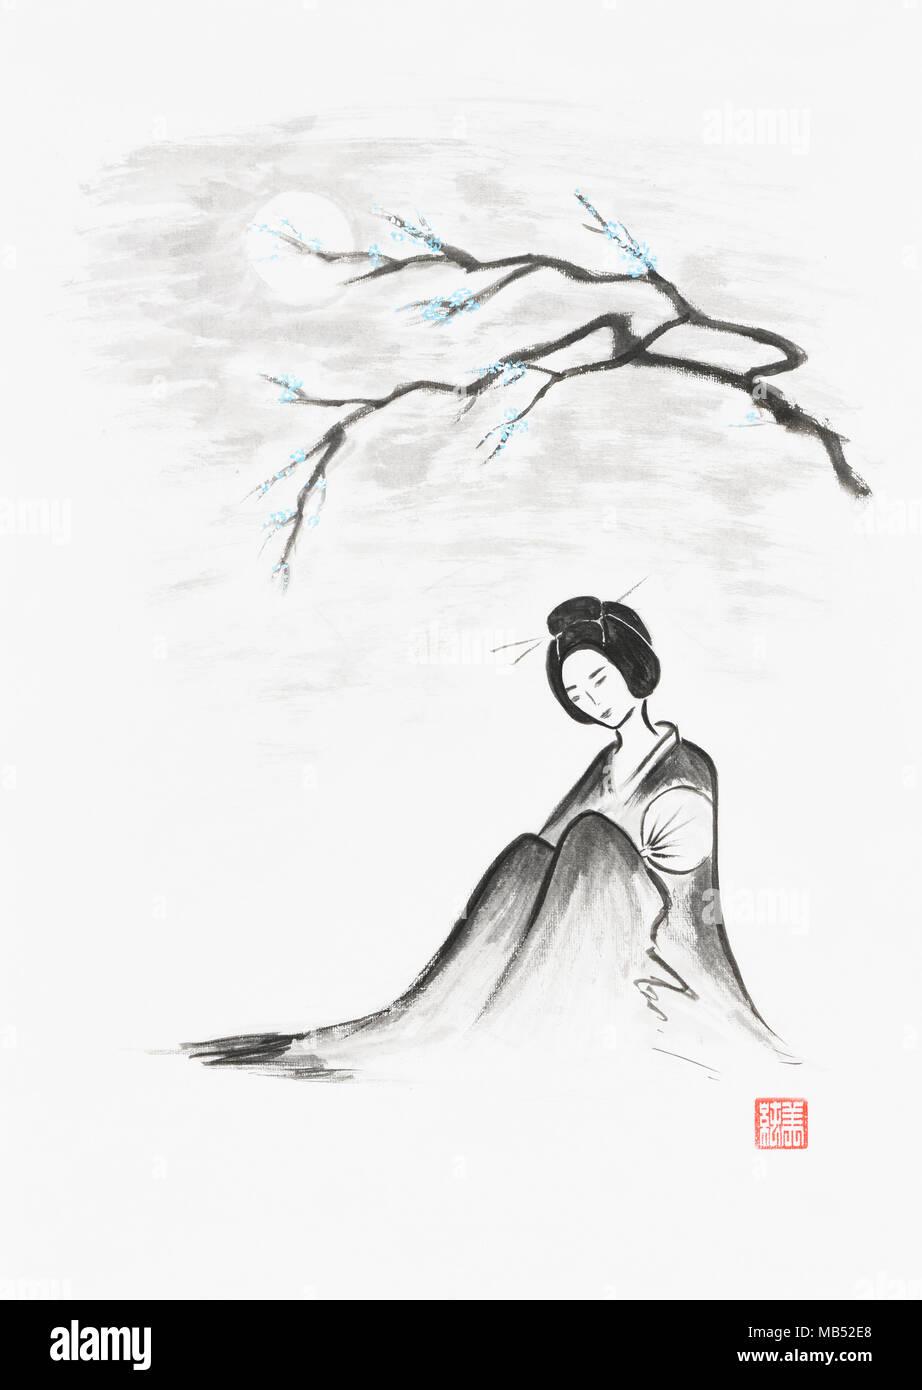 Belle geisha assise sous la direction artistique de sakura, illustration, Sumi-e Zen japonais peinture d'encre sur papier de riz Banque D'Images